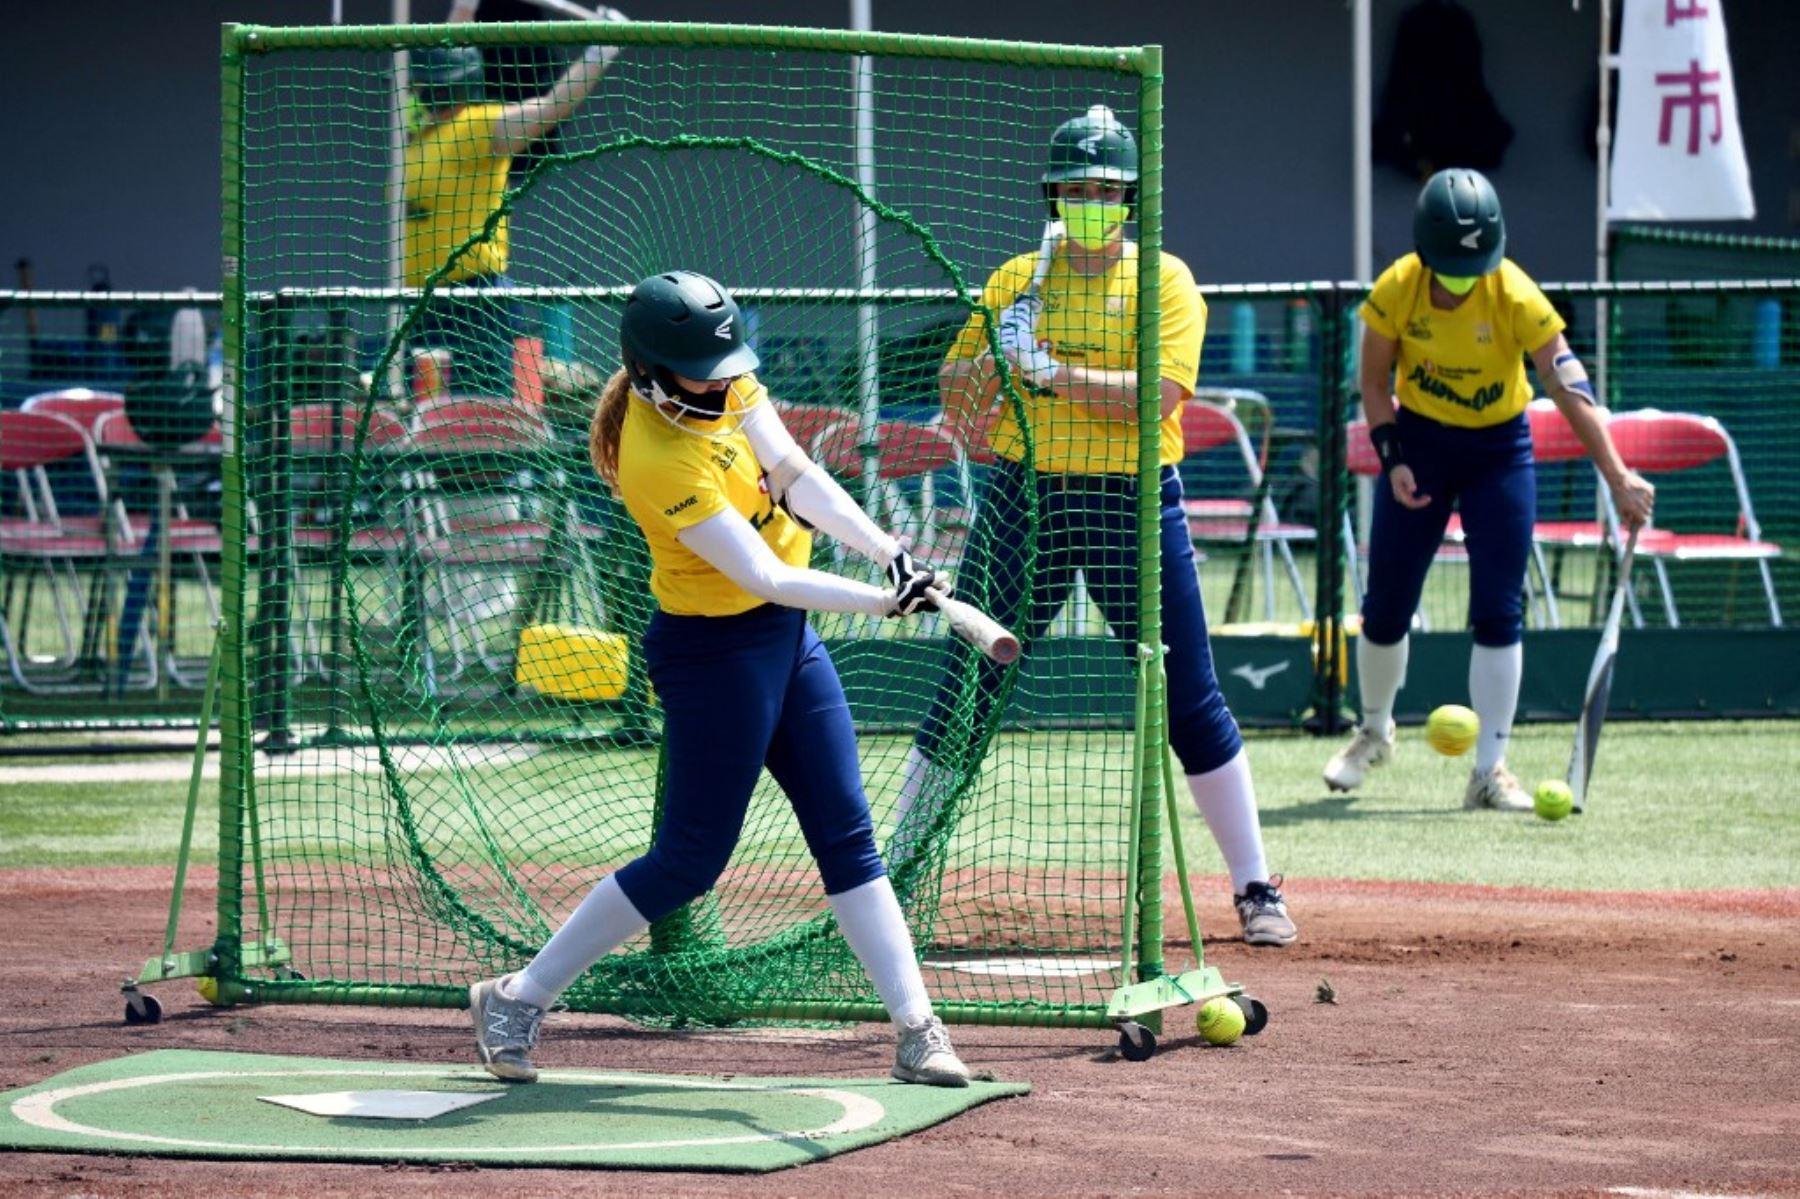 Tokio 2020: El sóftbol abre el programa deportivo de los Juegos Olímpicos